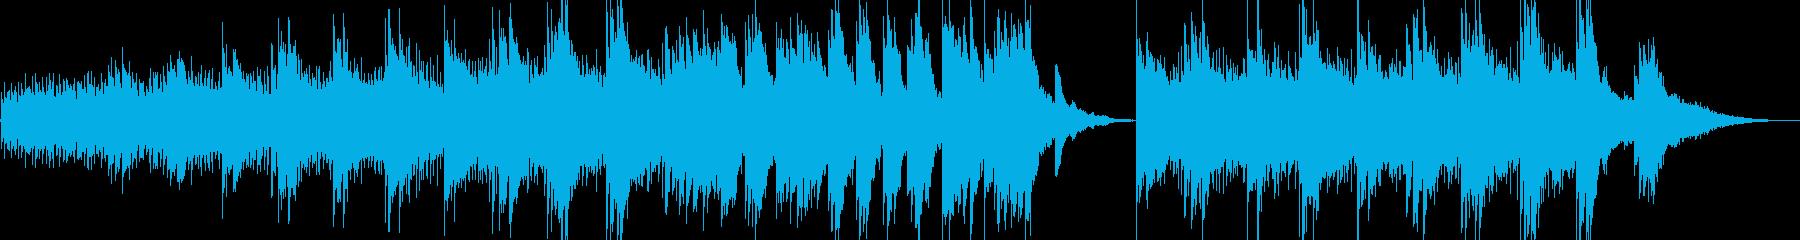 ネイチャー系の動画に優しいピアノ曲の再生済みの波形